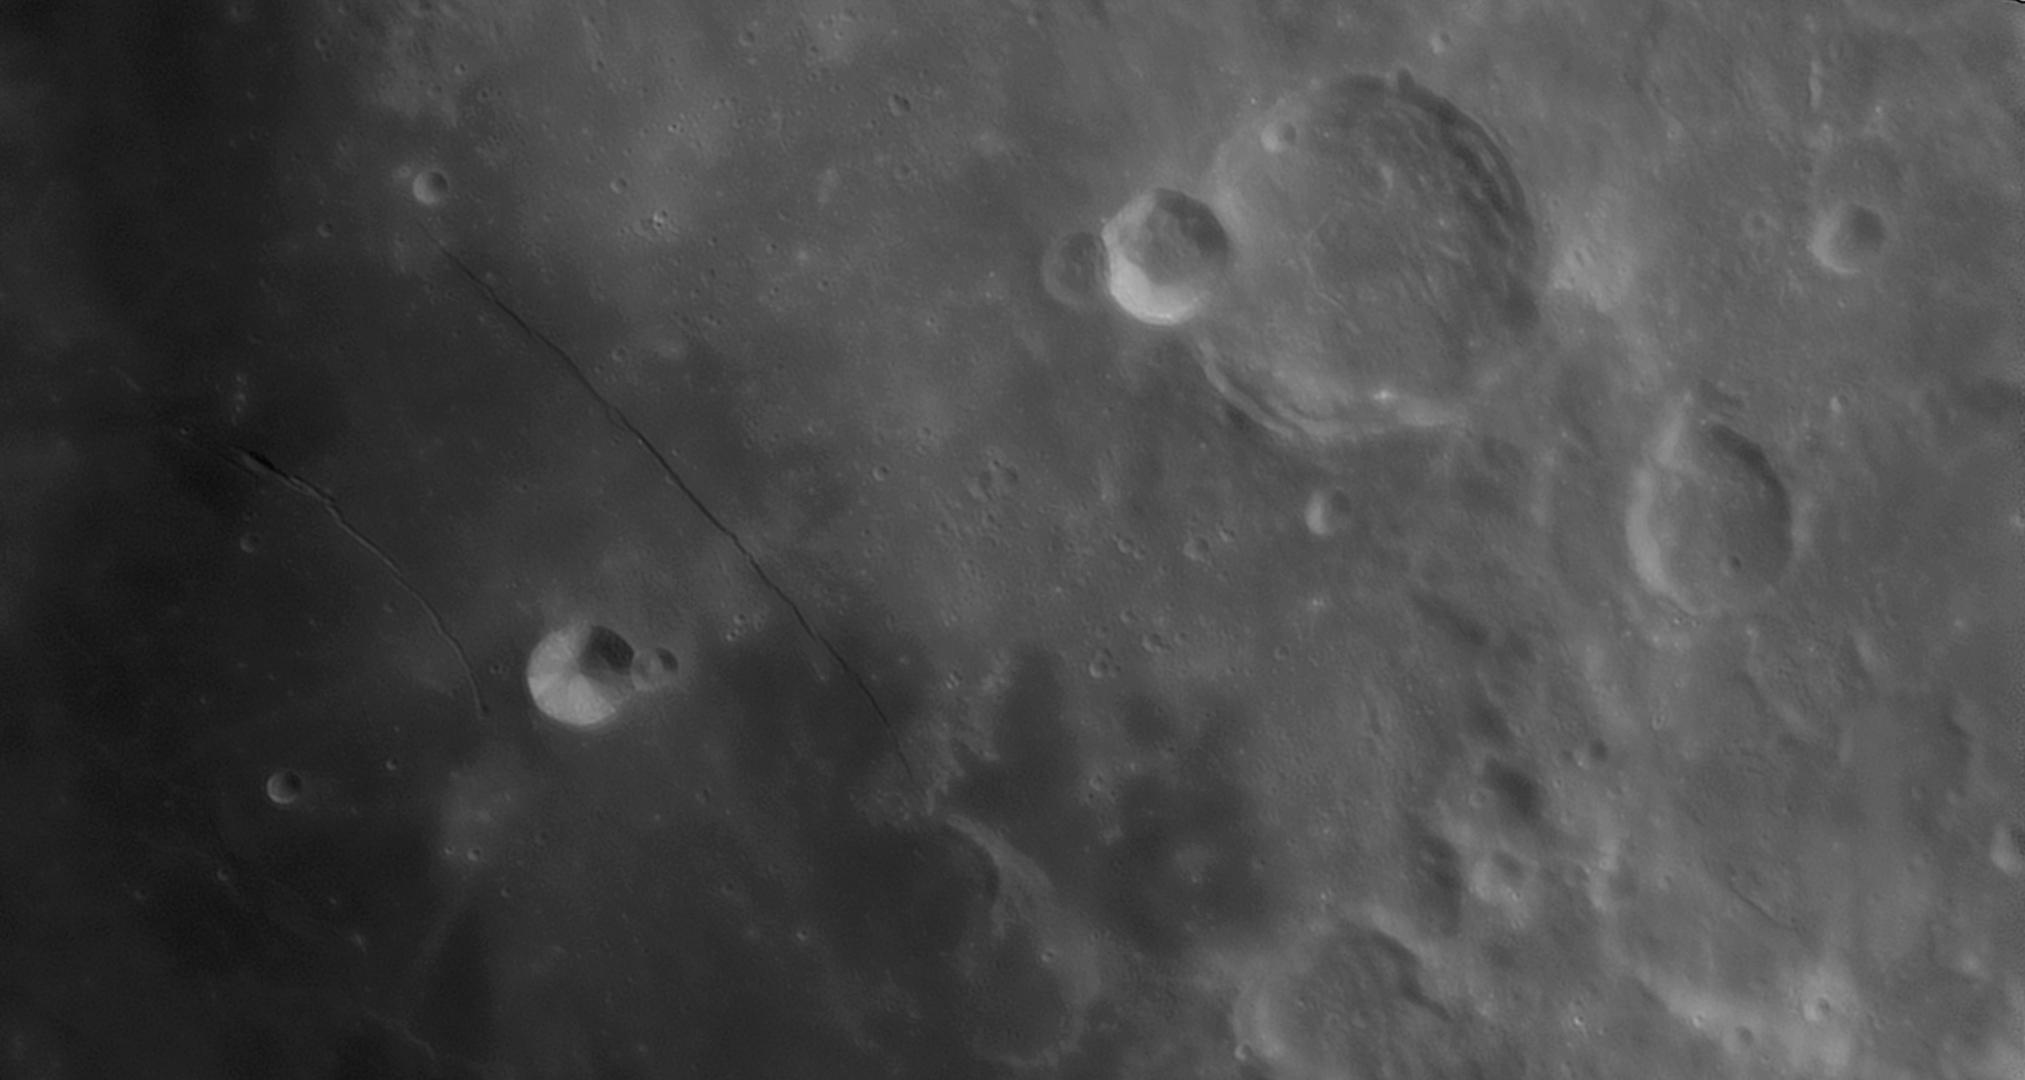 large.2021-02-23-2056_Moon-mur-dr.jpg.ed8626e45c35ba4bb37dea2f0bc8f2c4.jpg